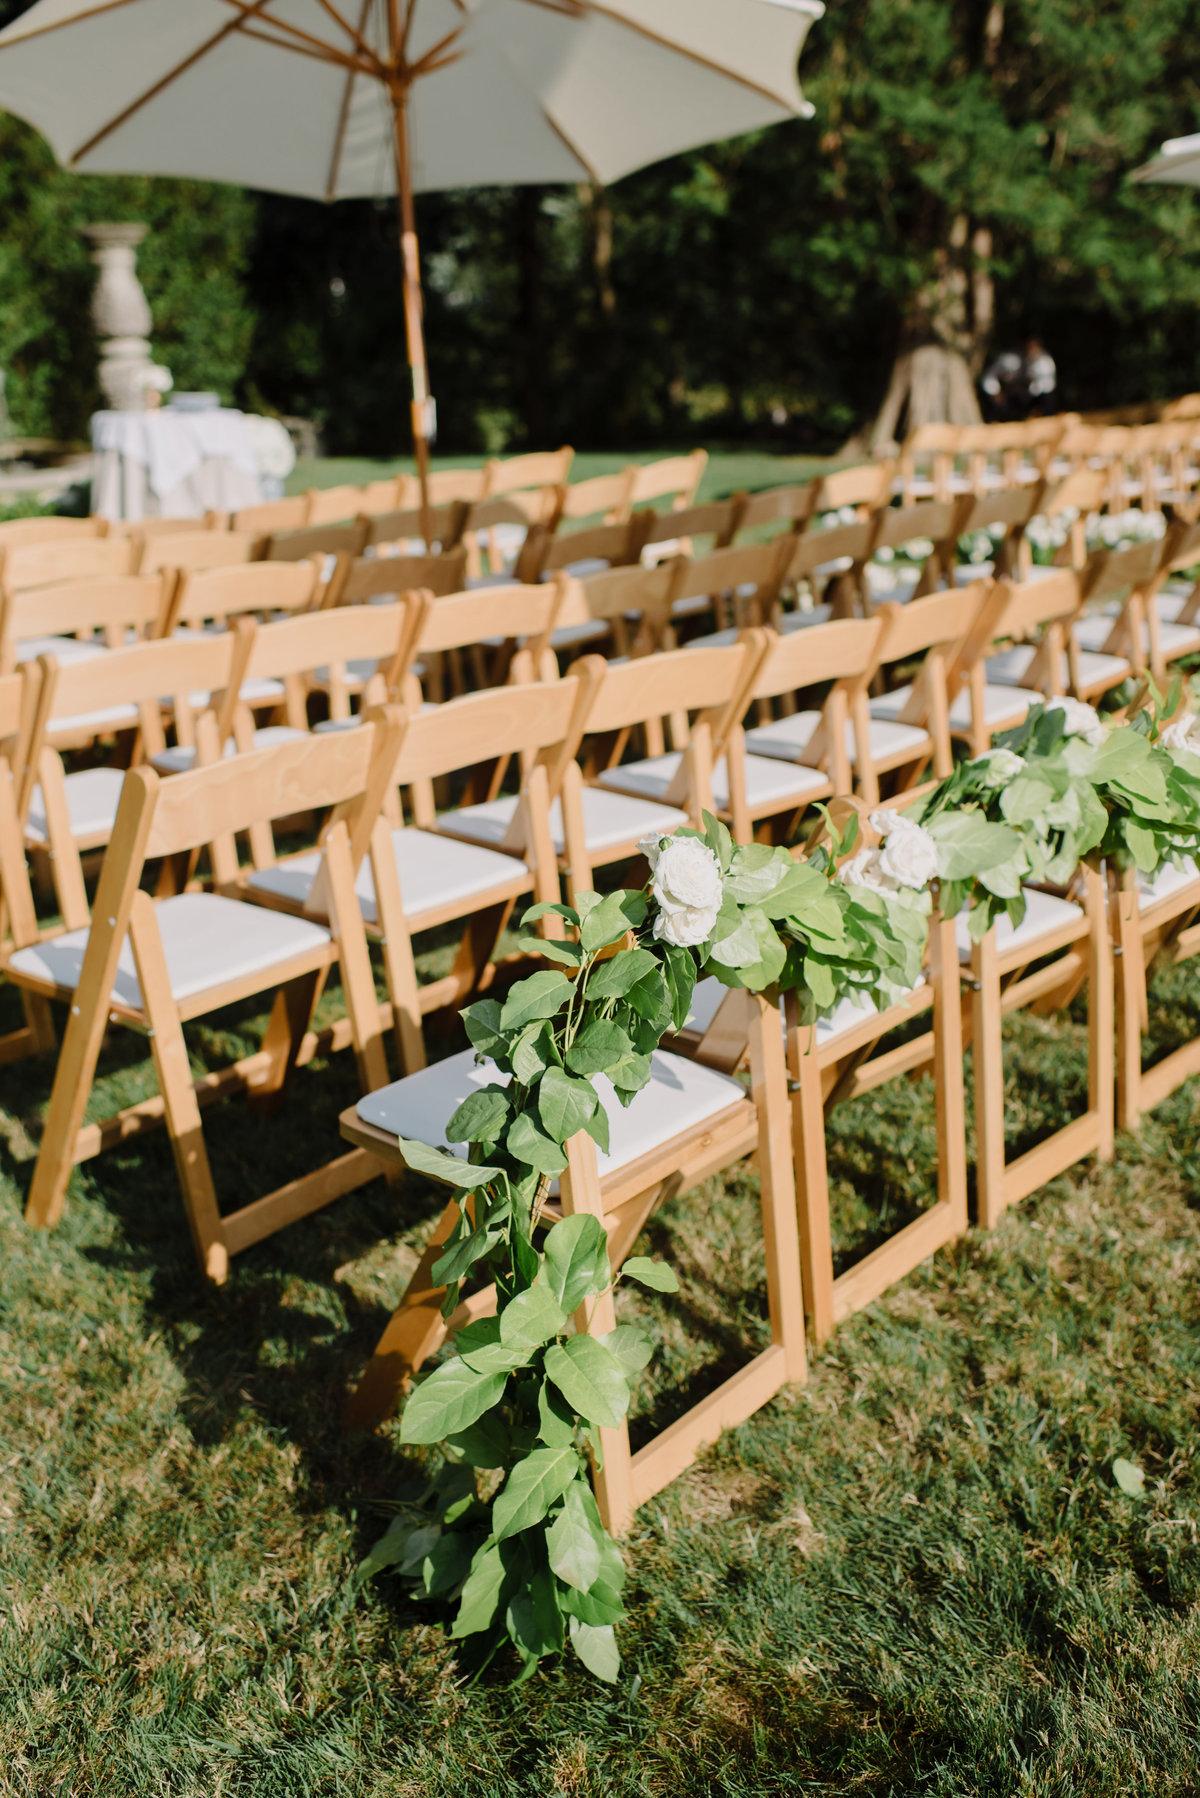 Bauer plantation chair - Lhp_7536